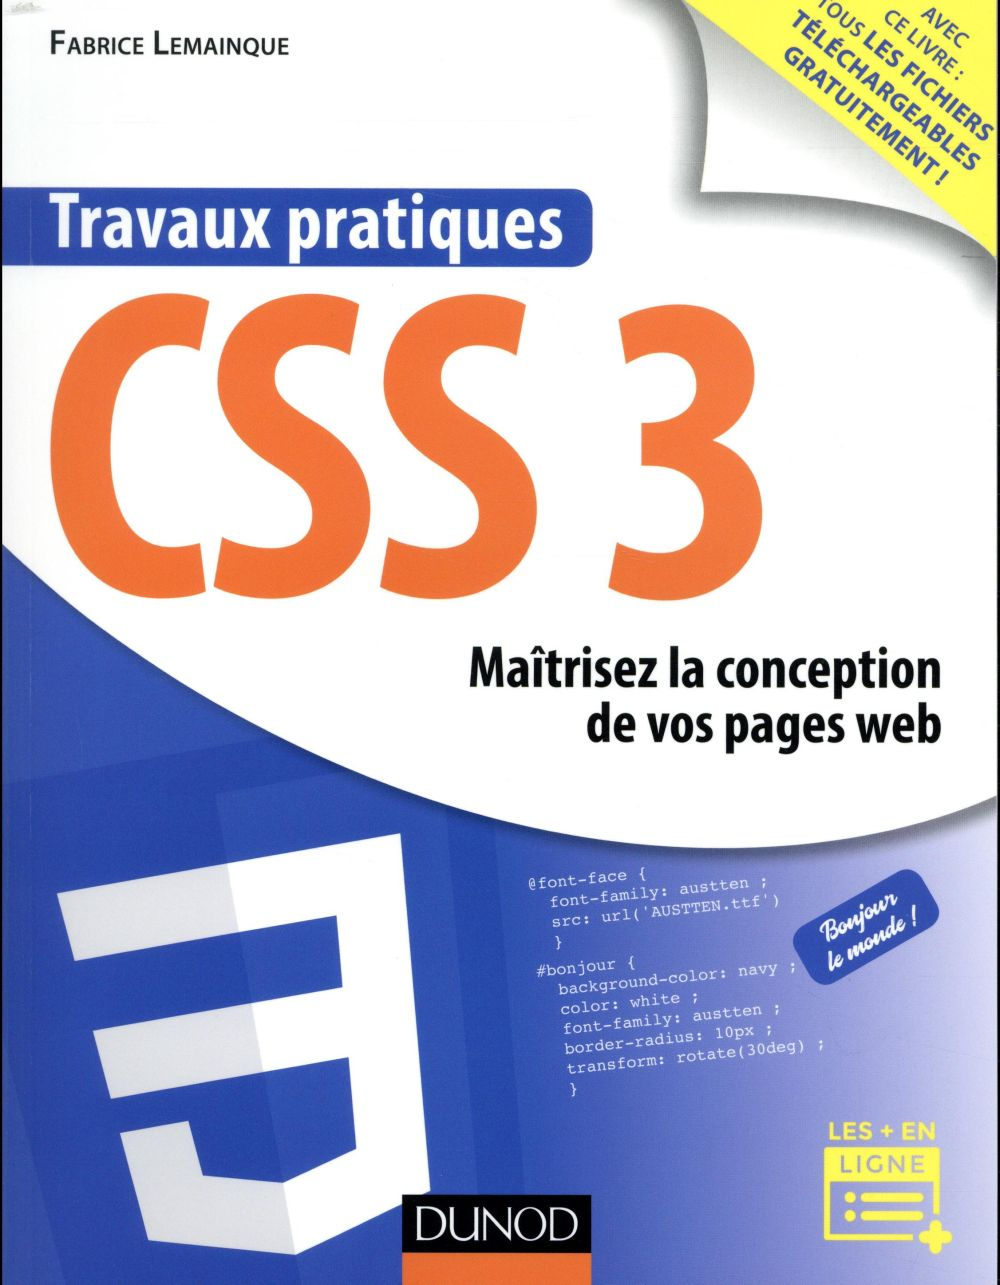 Travaux pratiques ; CSS3 ; maitrisez la conception de vos pages web